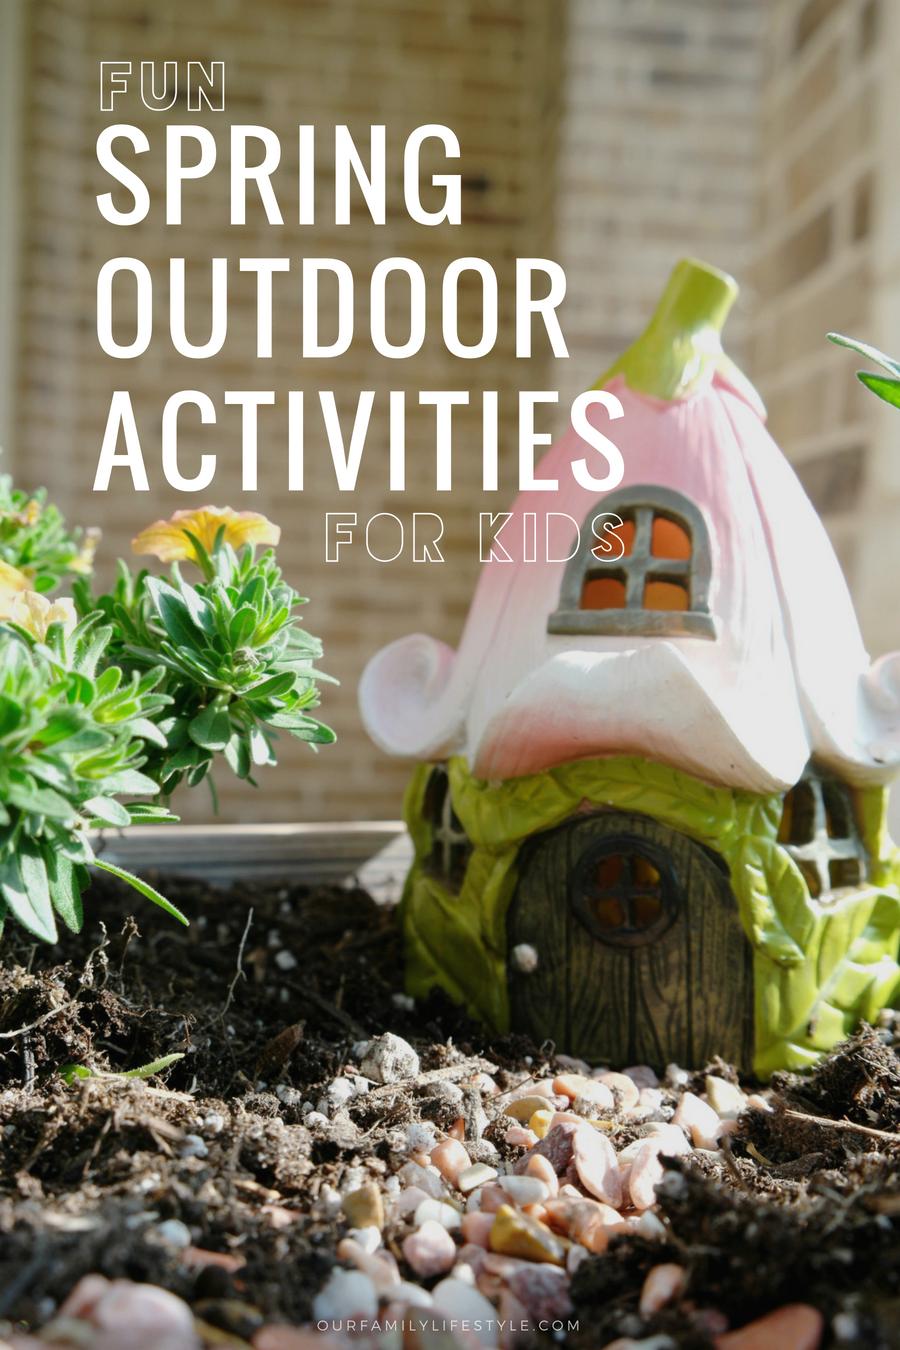 Fun Spring Outdoor Activities For Kids